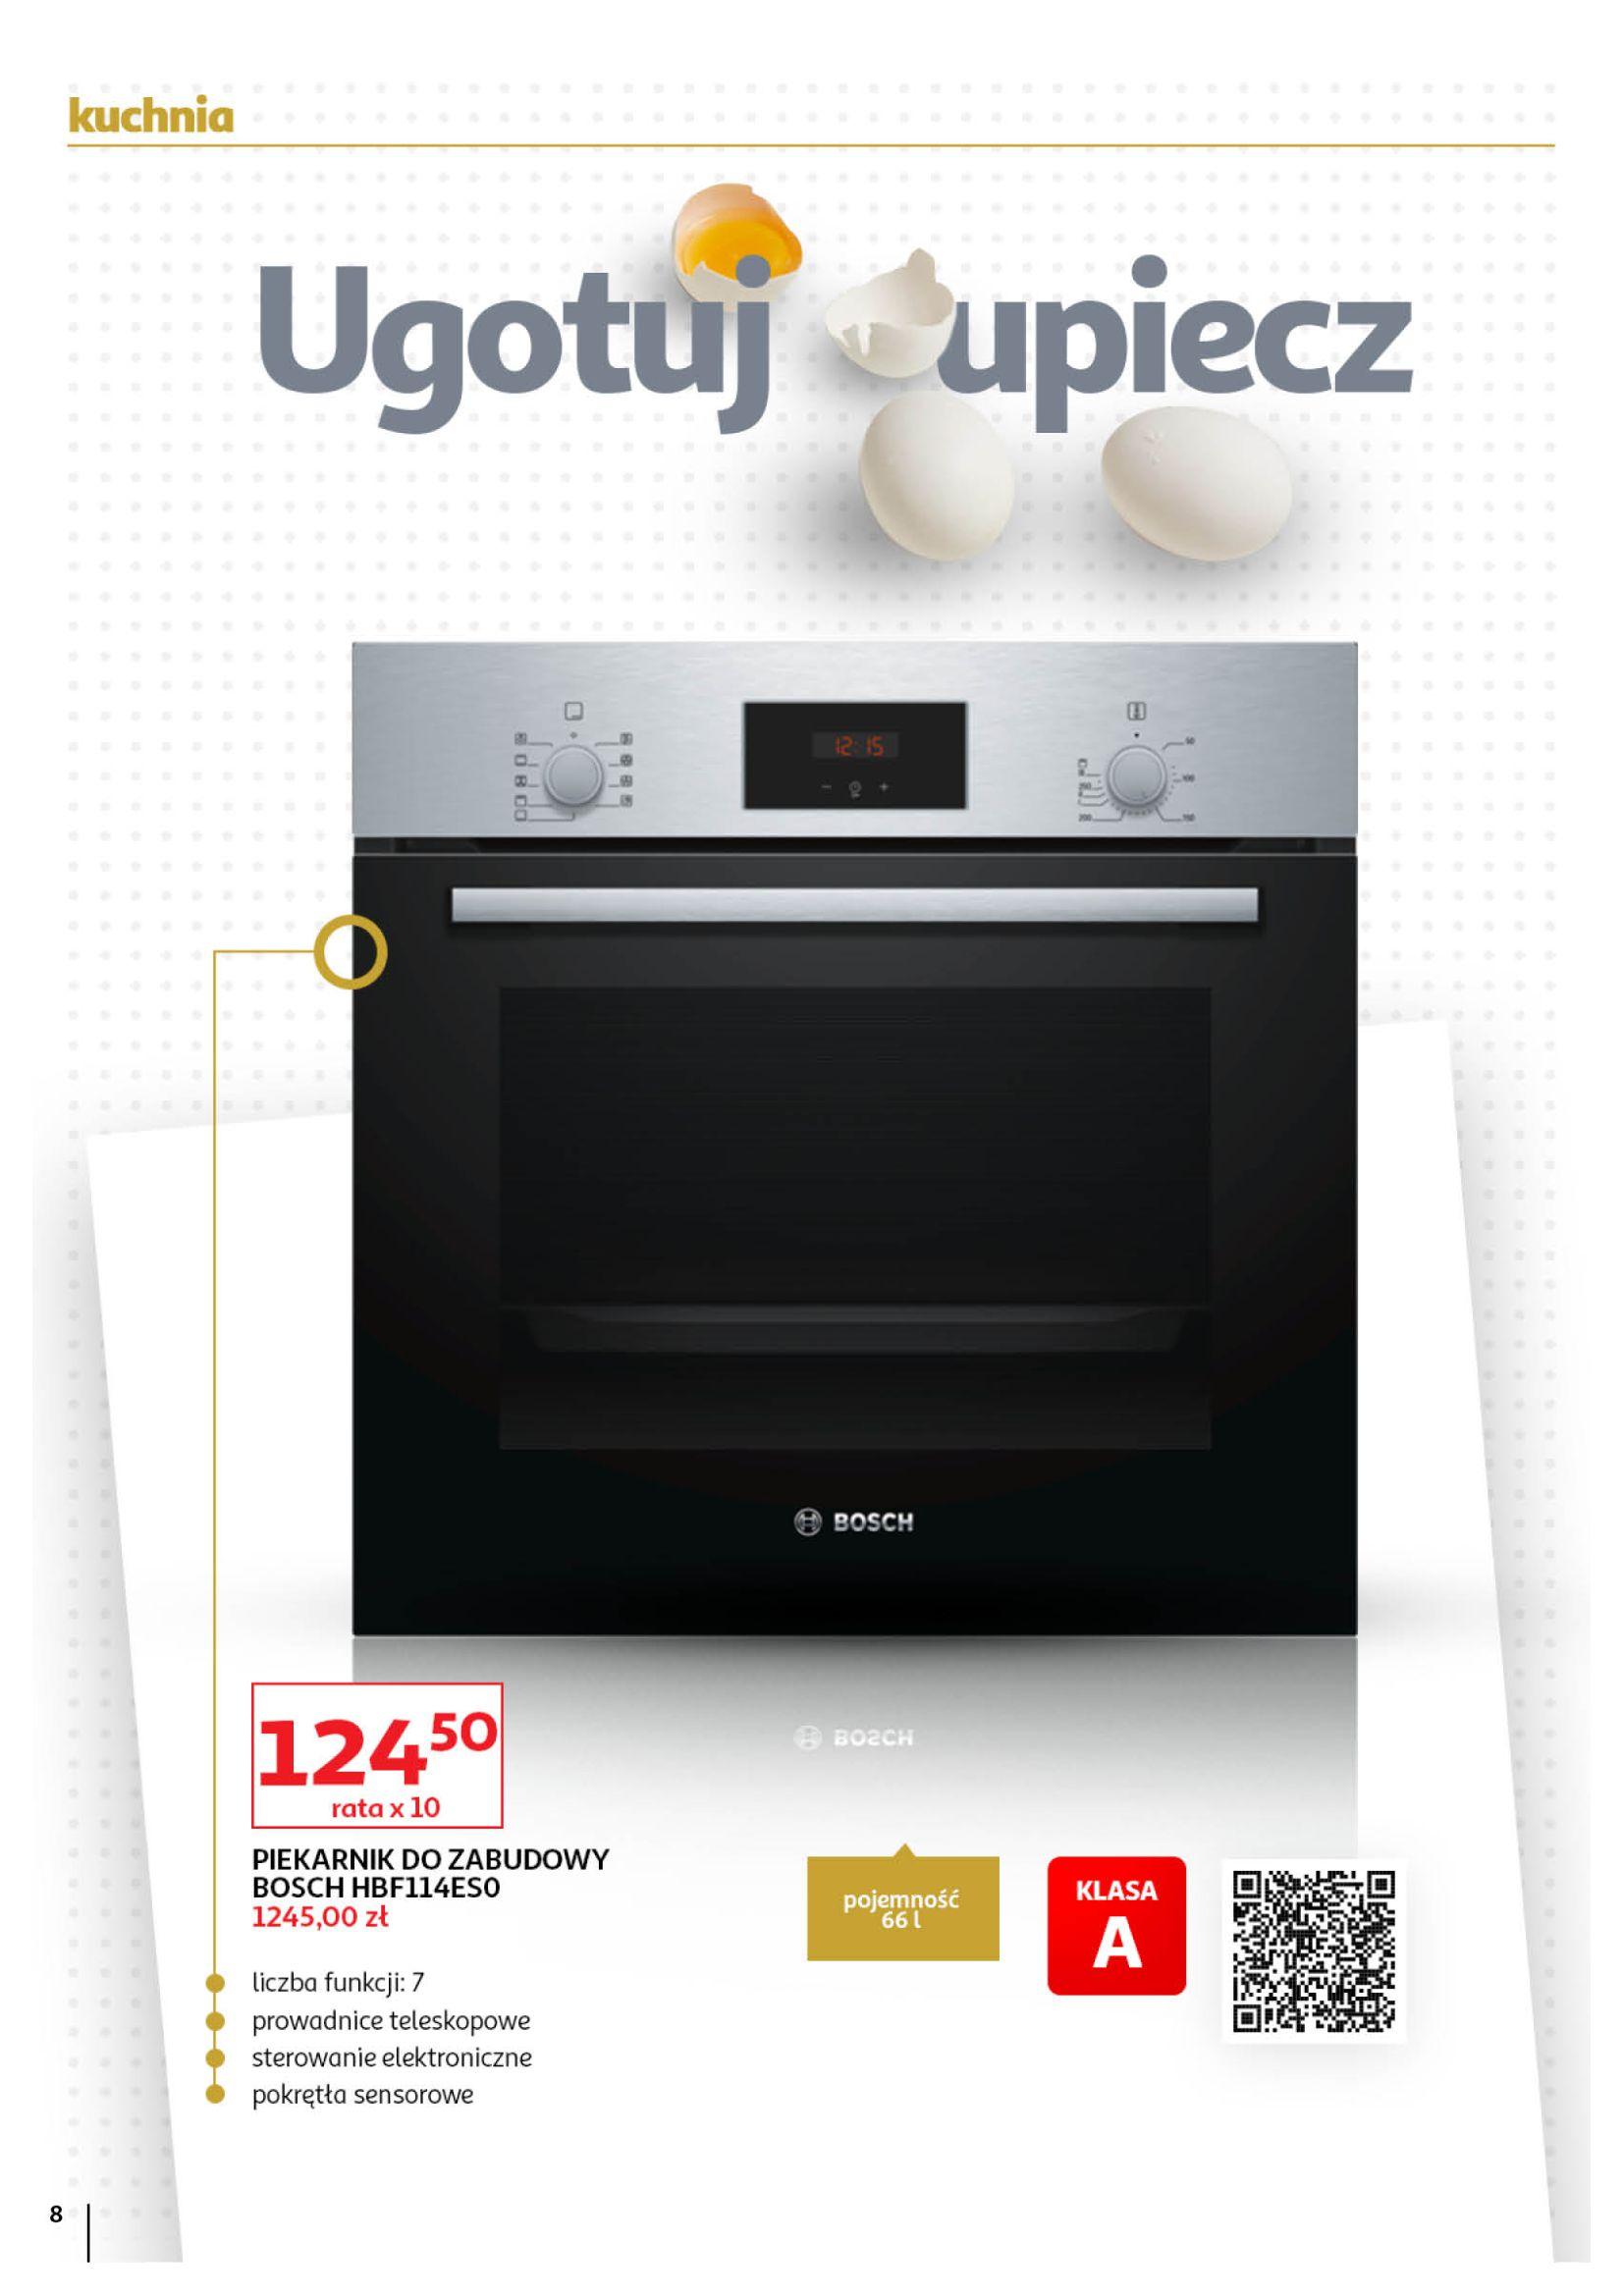 Gazetka Auchan - Oferta Auchan Premium Hipermarkety-01.11.2019-27.11.2019-page-8